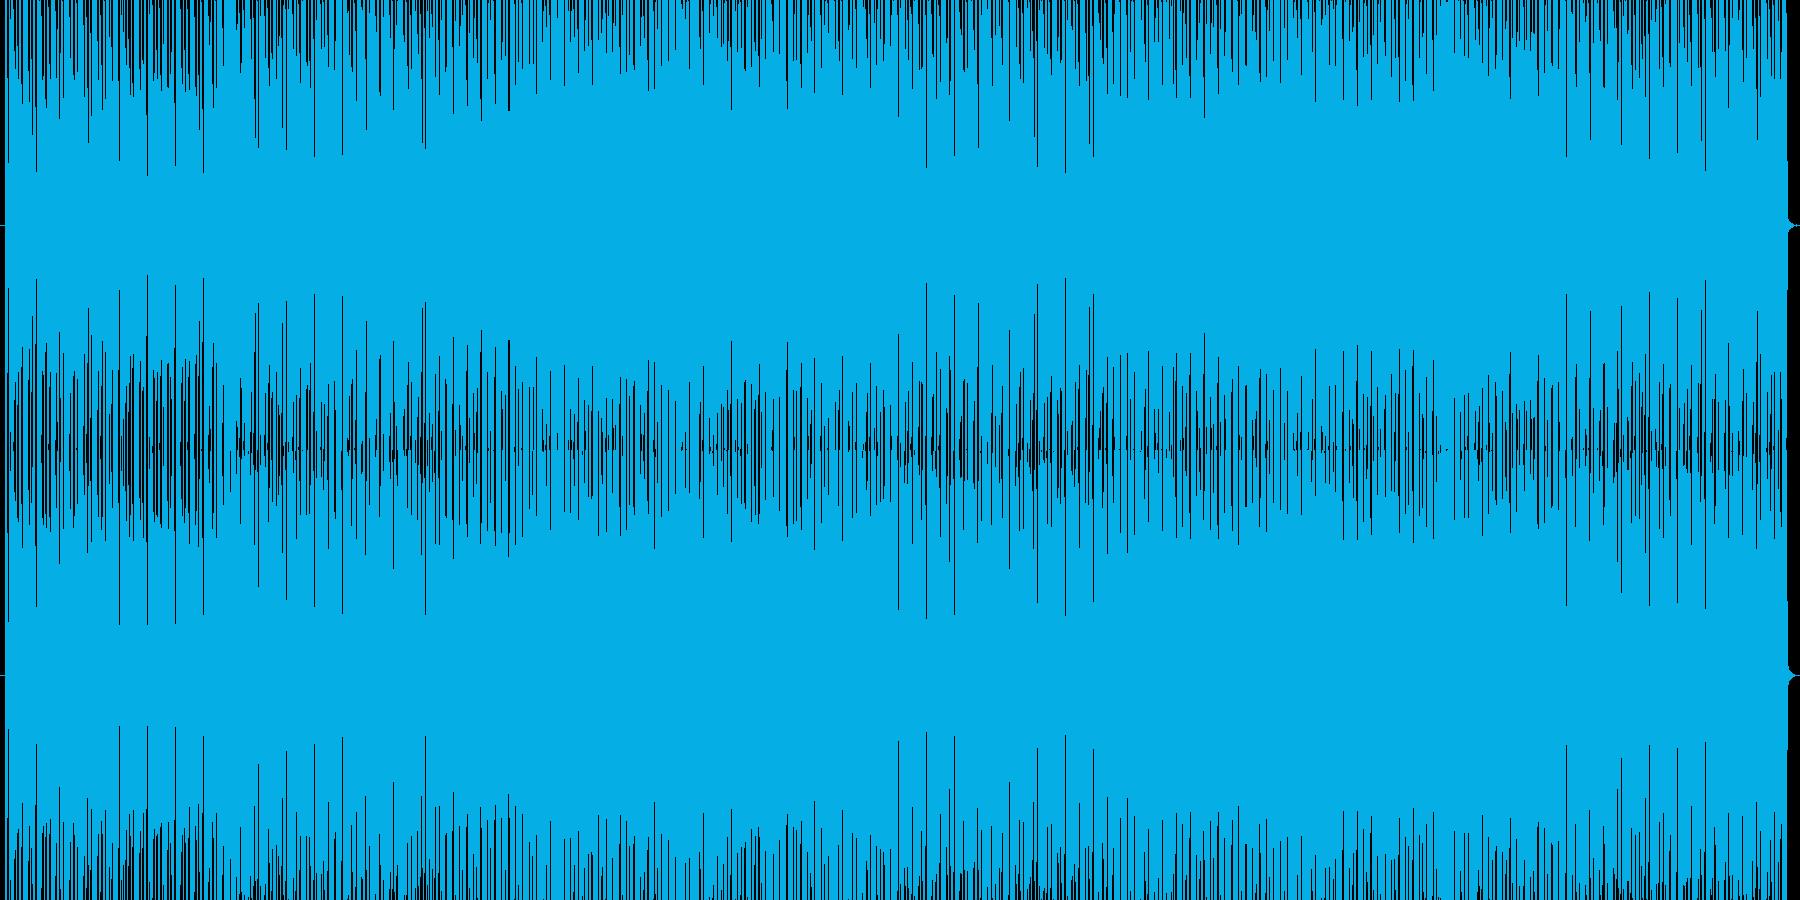 ピコピコしたパズルゲーム風テクノポップの再生済みの波形